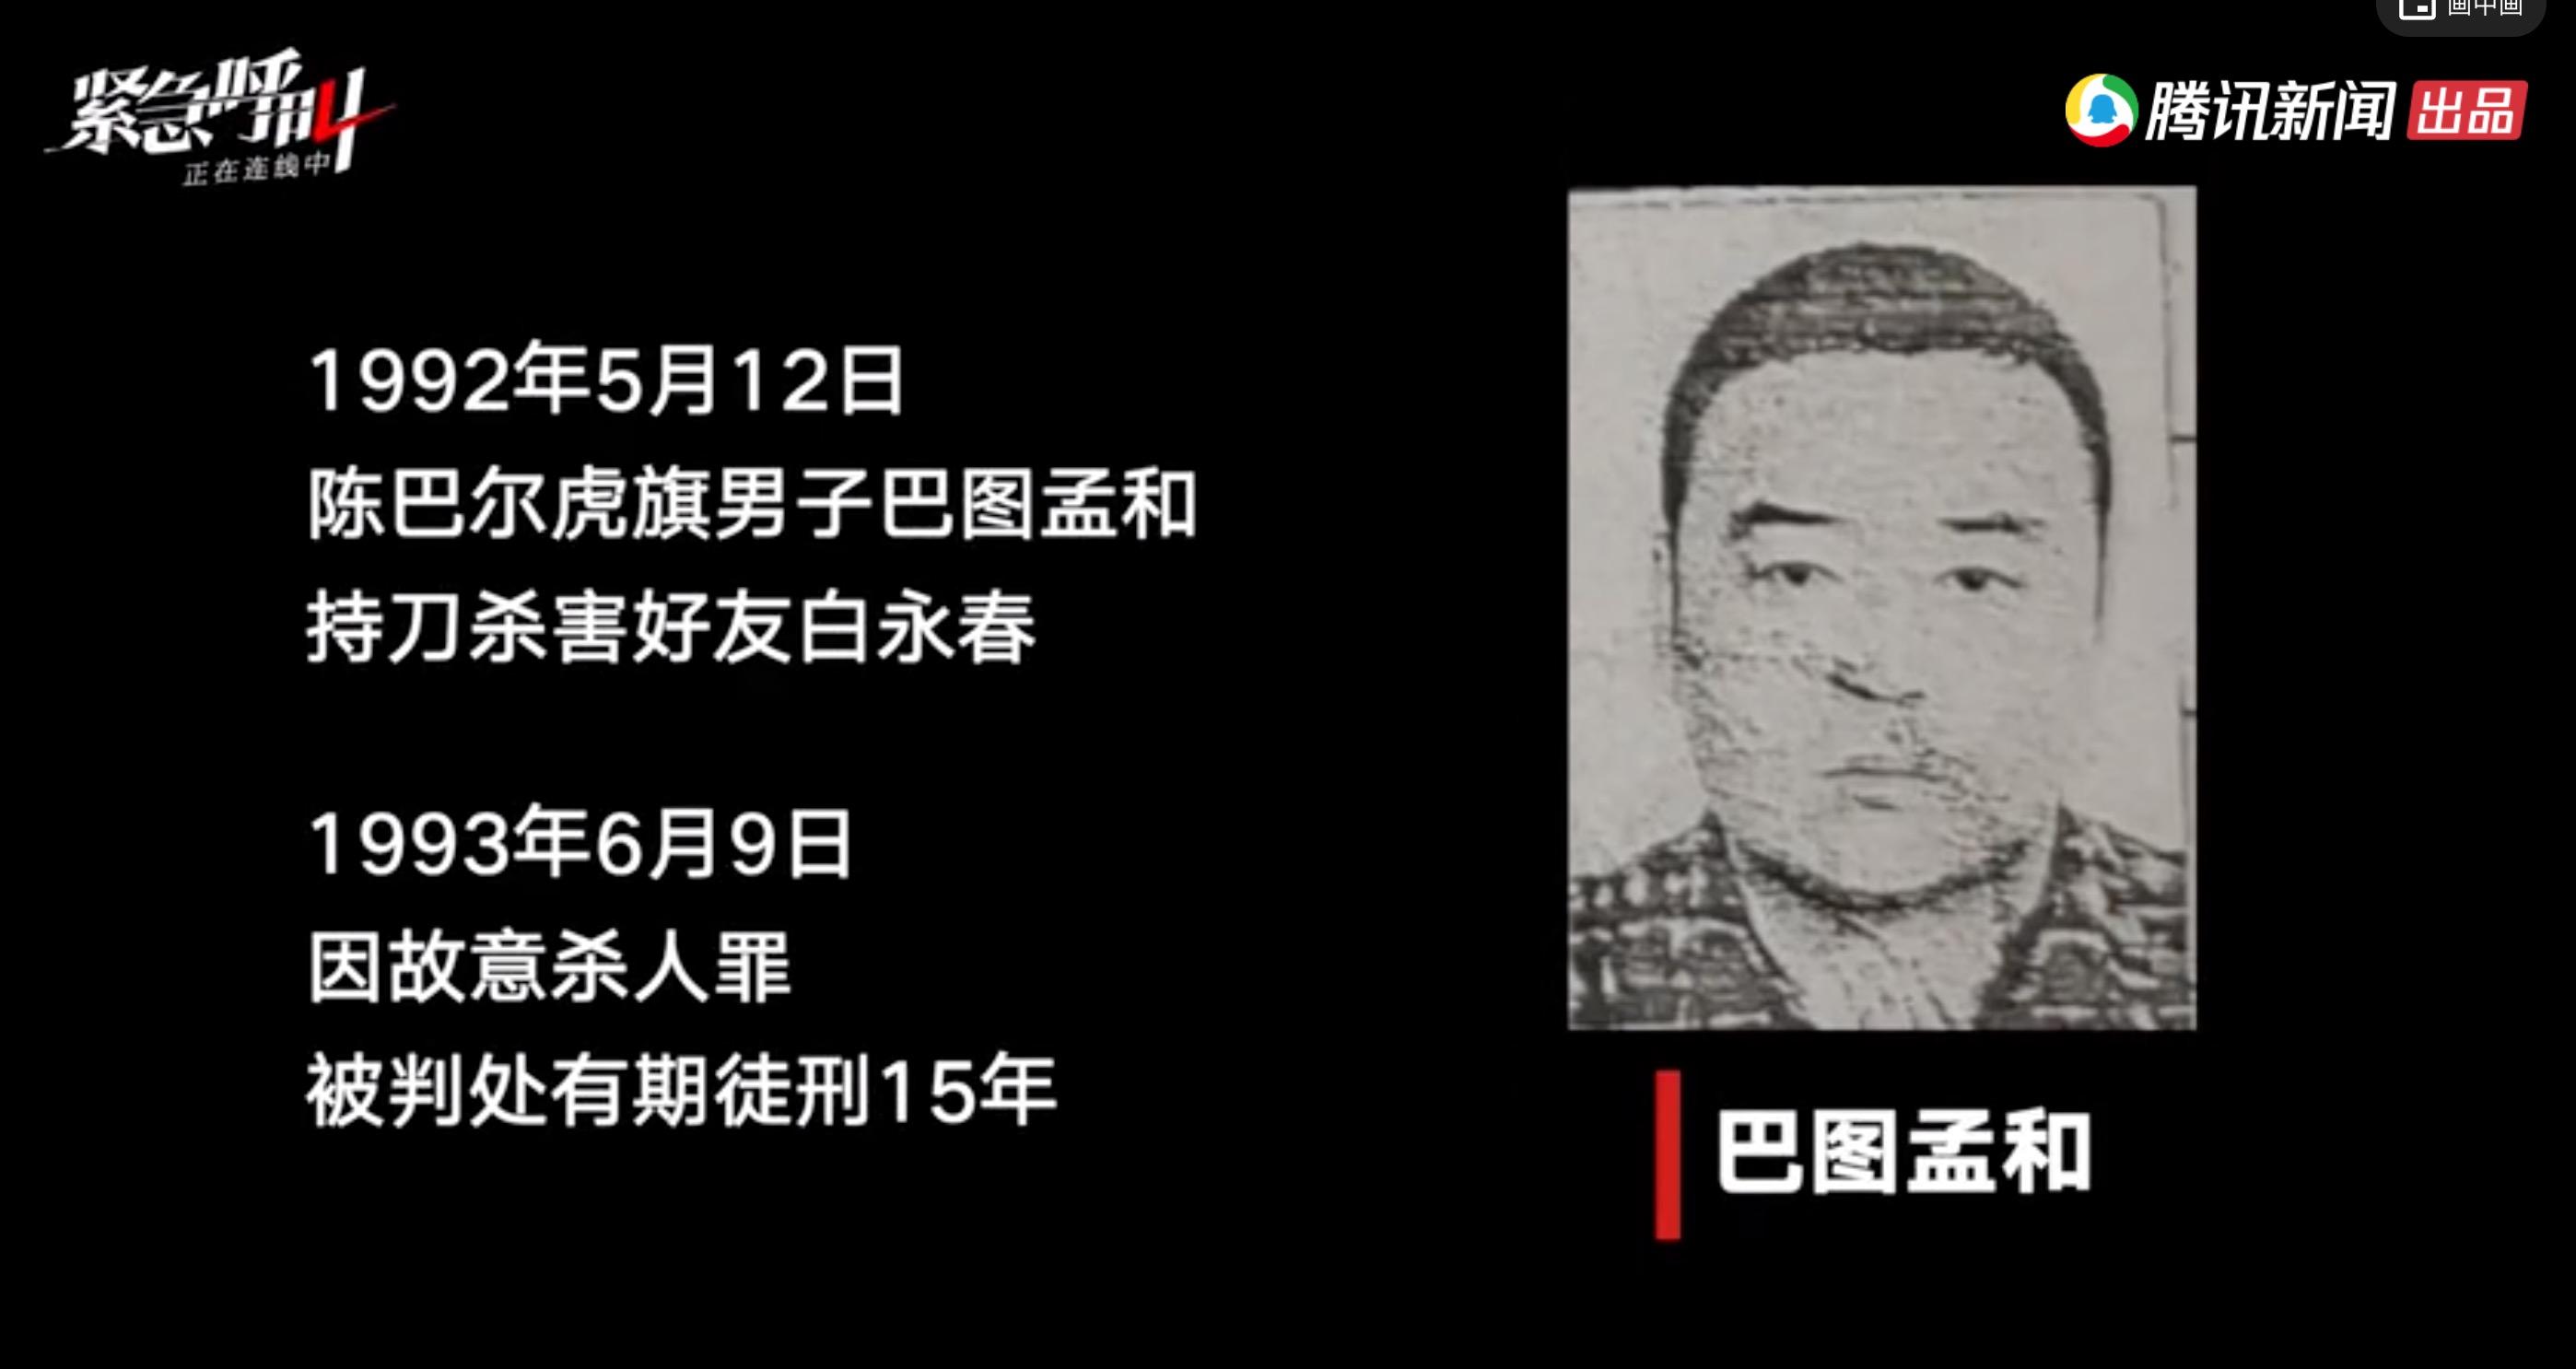 """【8090电影网每天一贴】_内蒙古""""纸面服刑""""杀人犯同事:他行事霸道,侵吞牧民补贴钱"""